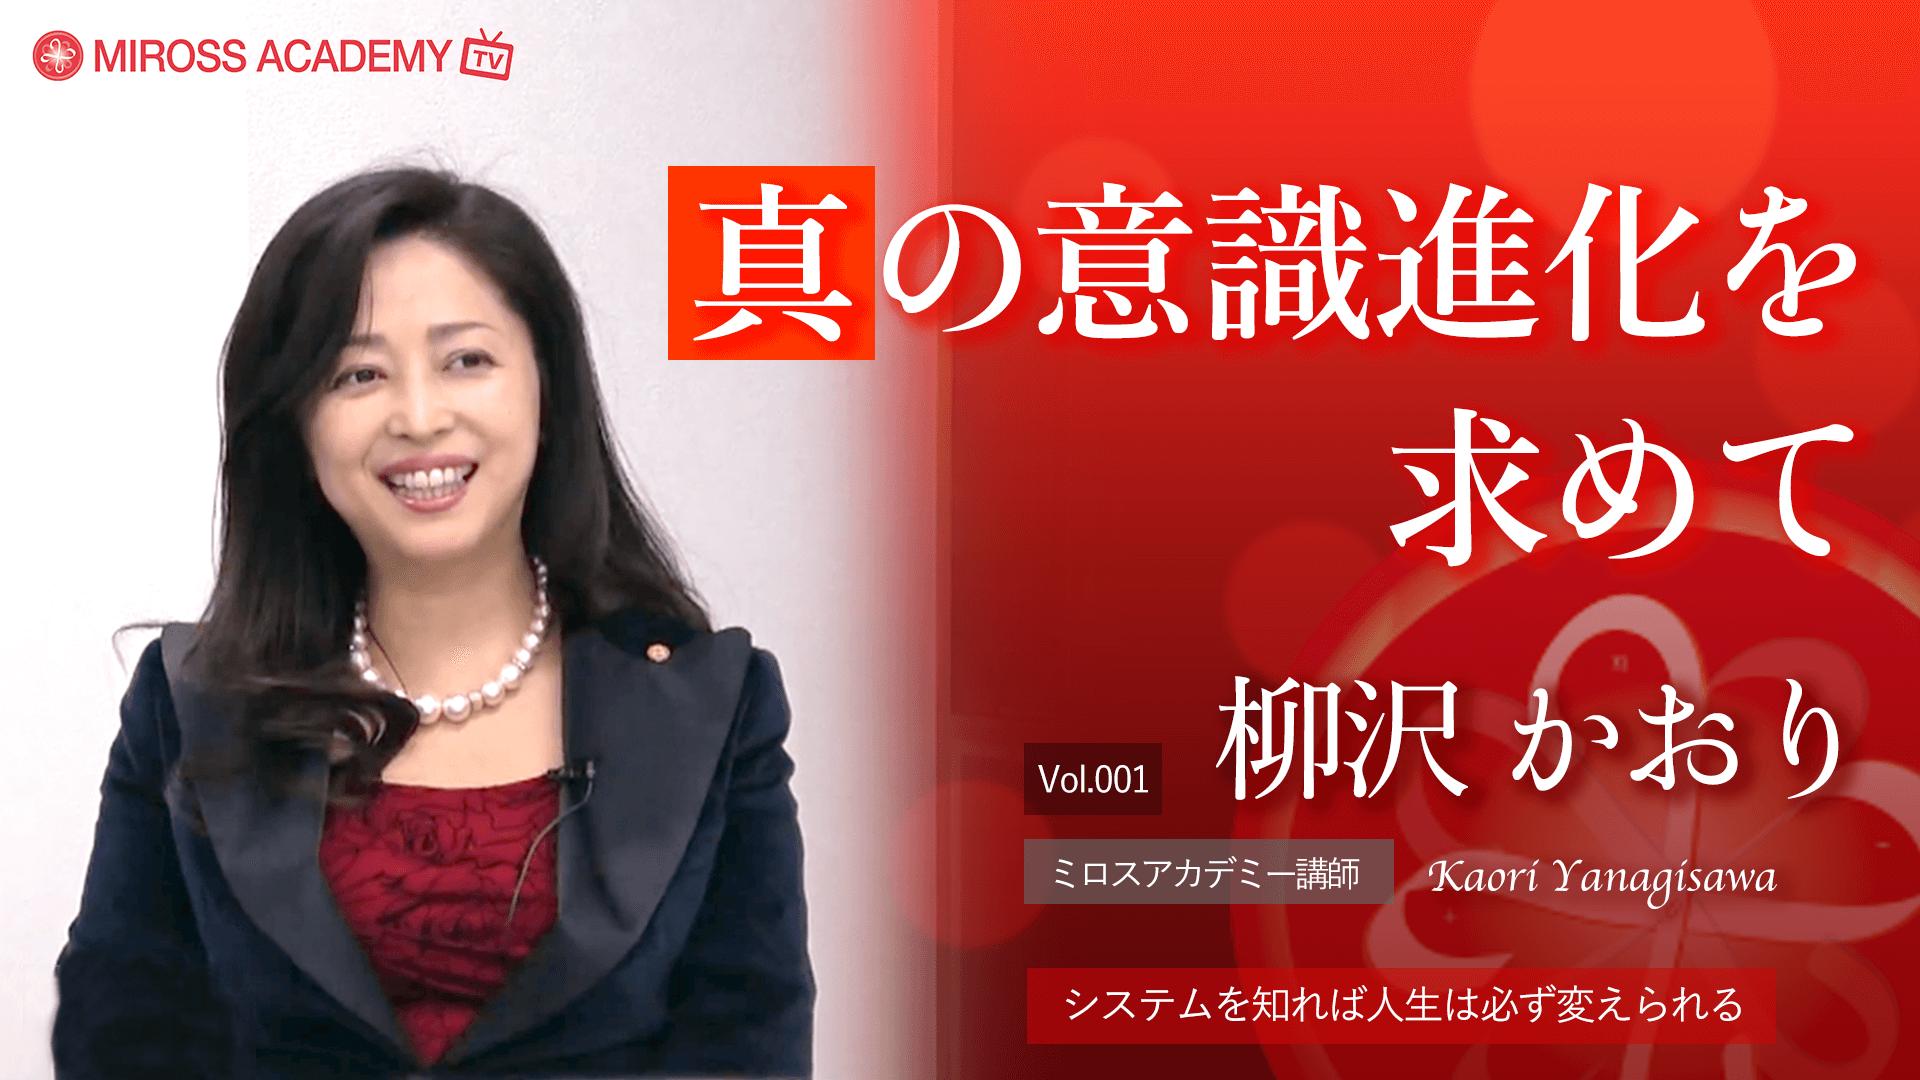 柳沢かおり講師